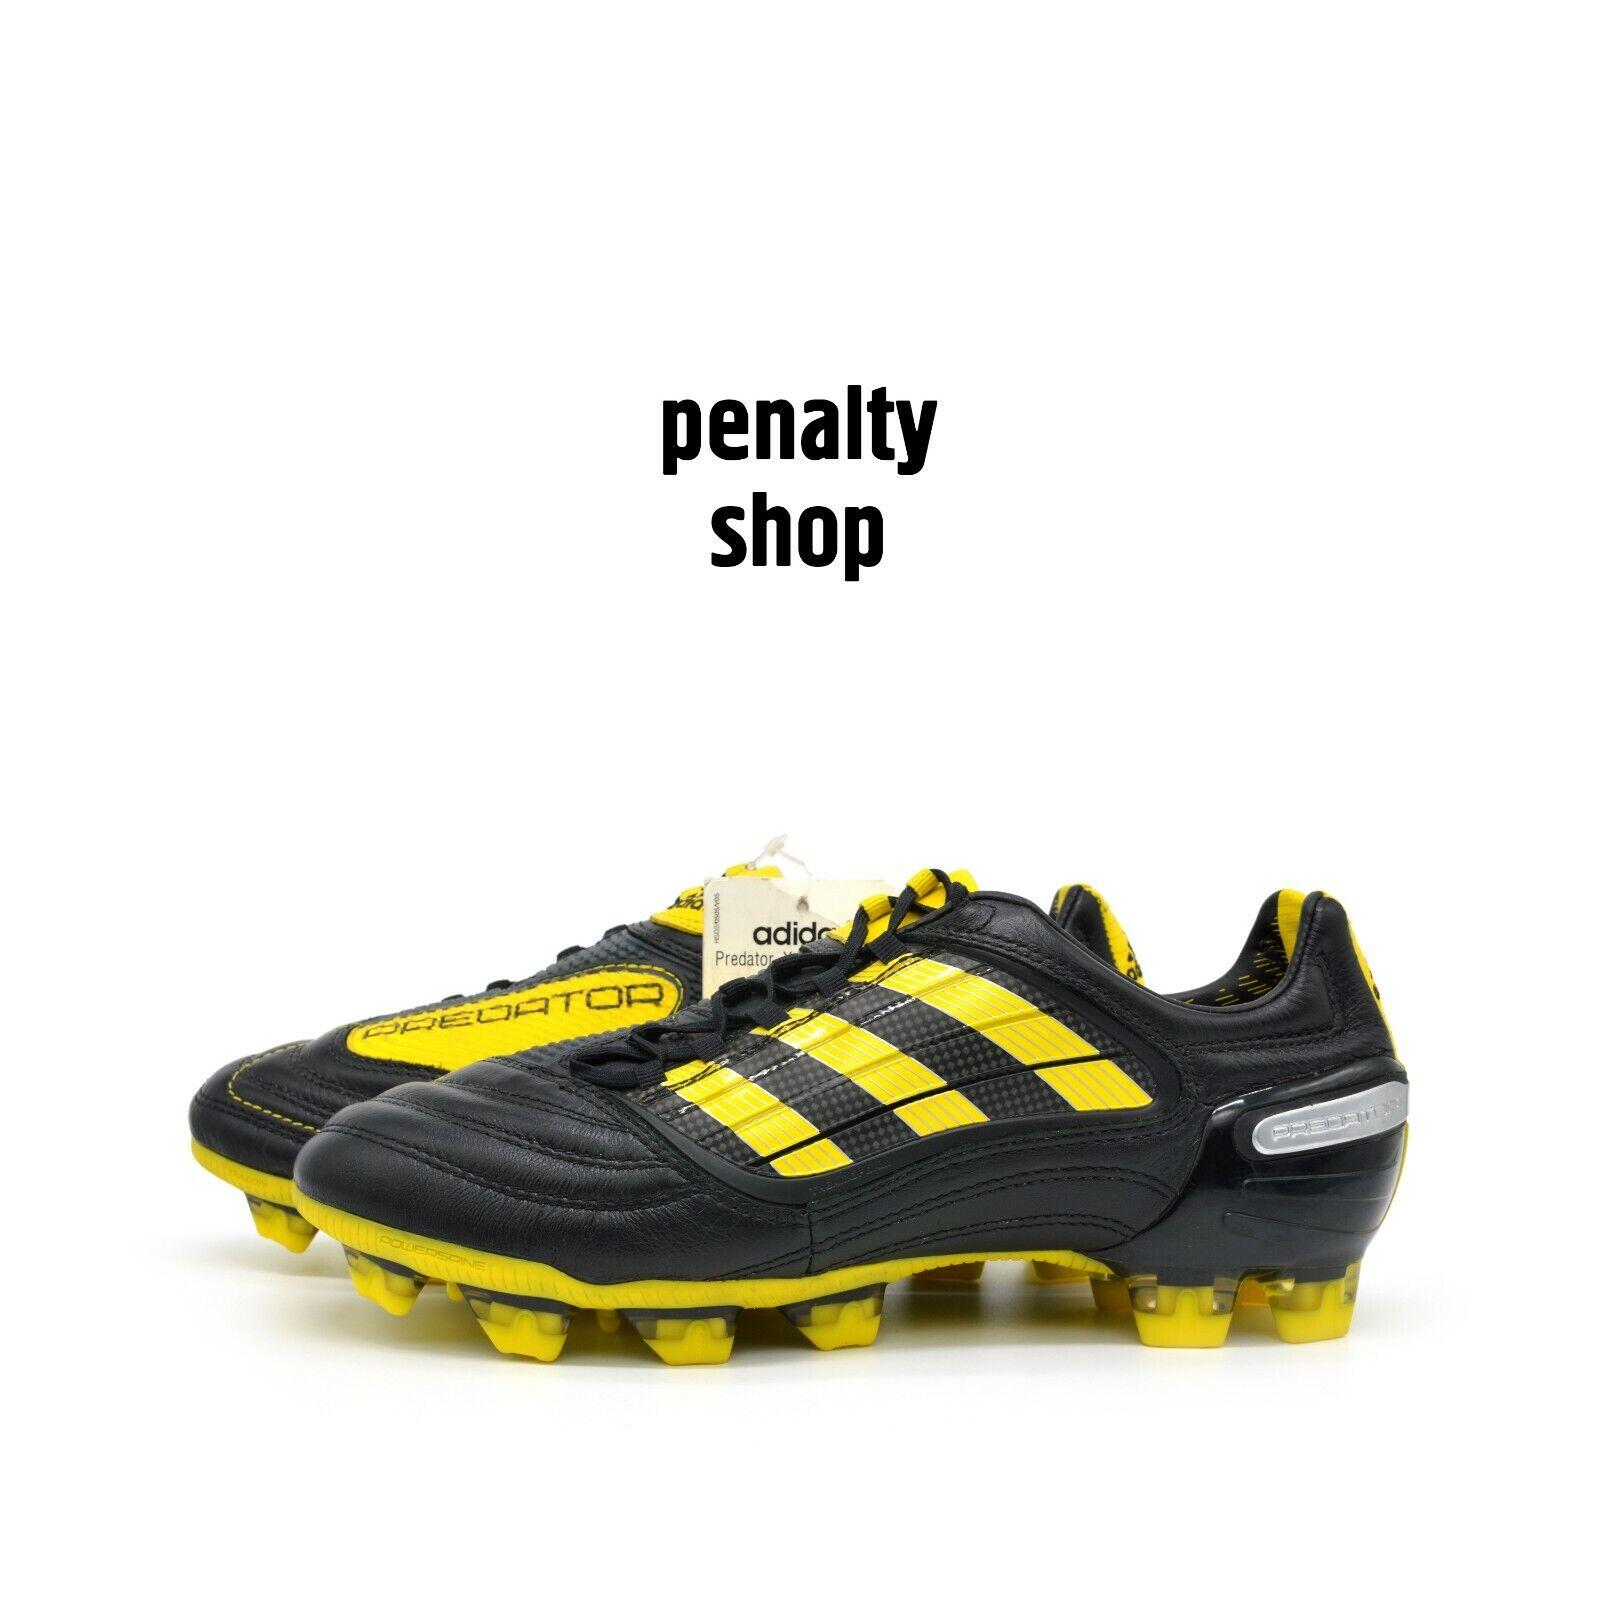 Adidas Prossoator X TRX FG G14109 FIFA World Cup 2010 RARE Limited edizione